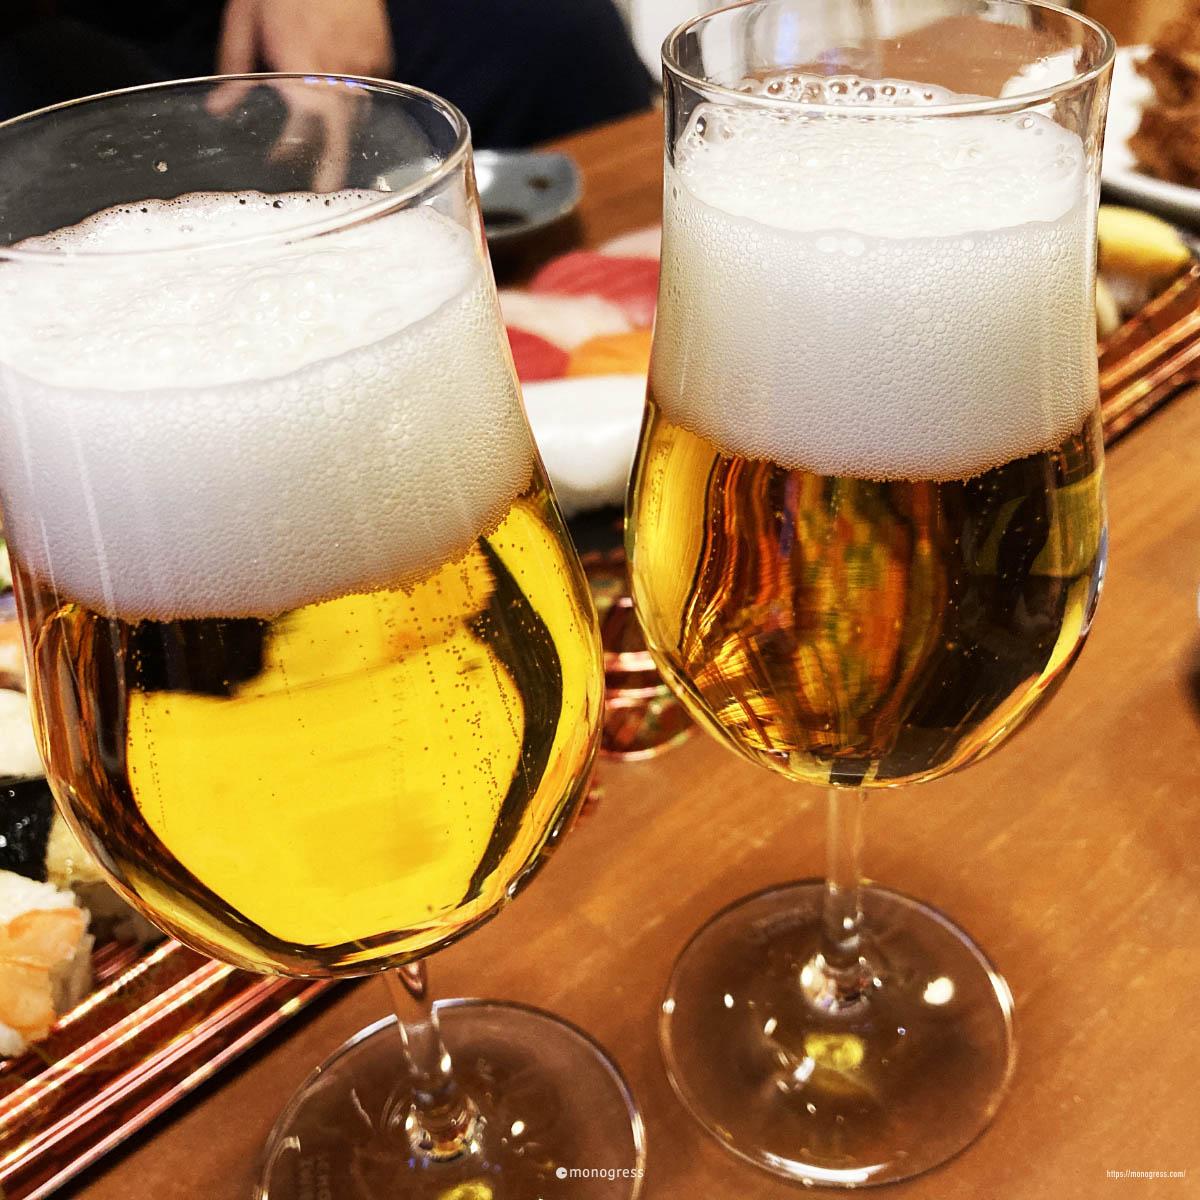 ツヴィーゼルグラスとビール